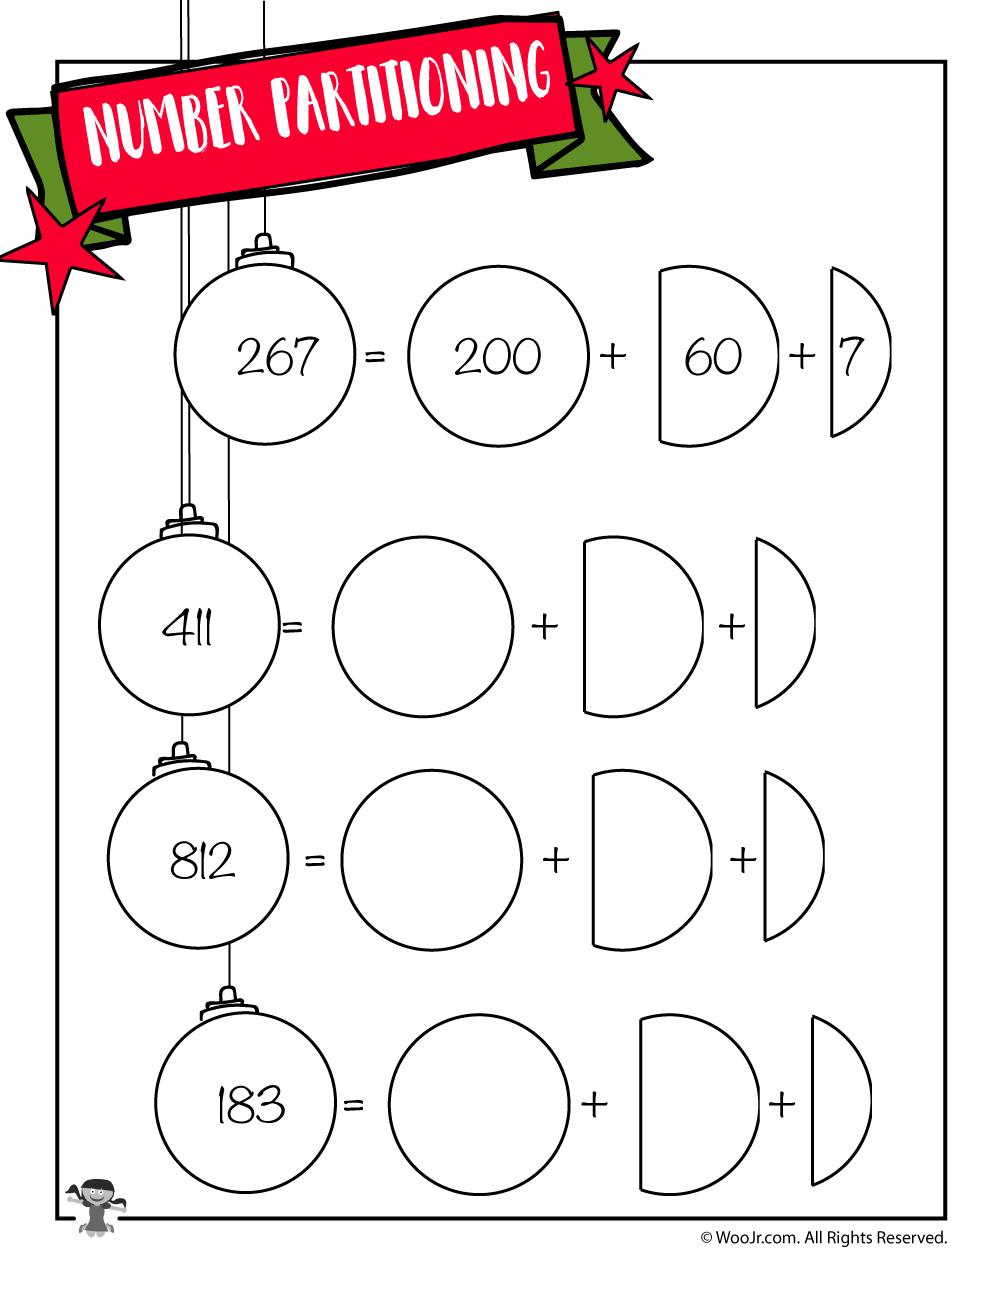 Christmas Ornament Place Value Breakdown Worksheet   Woo ...